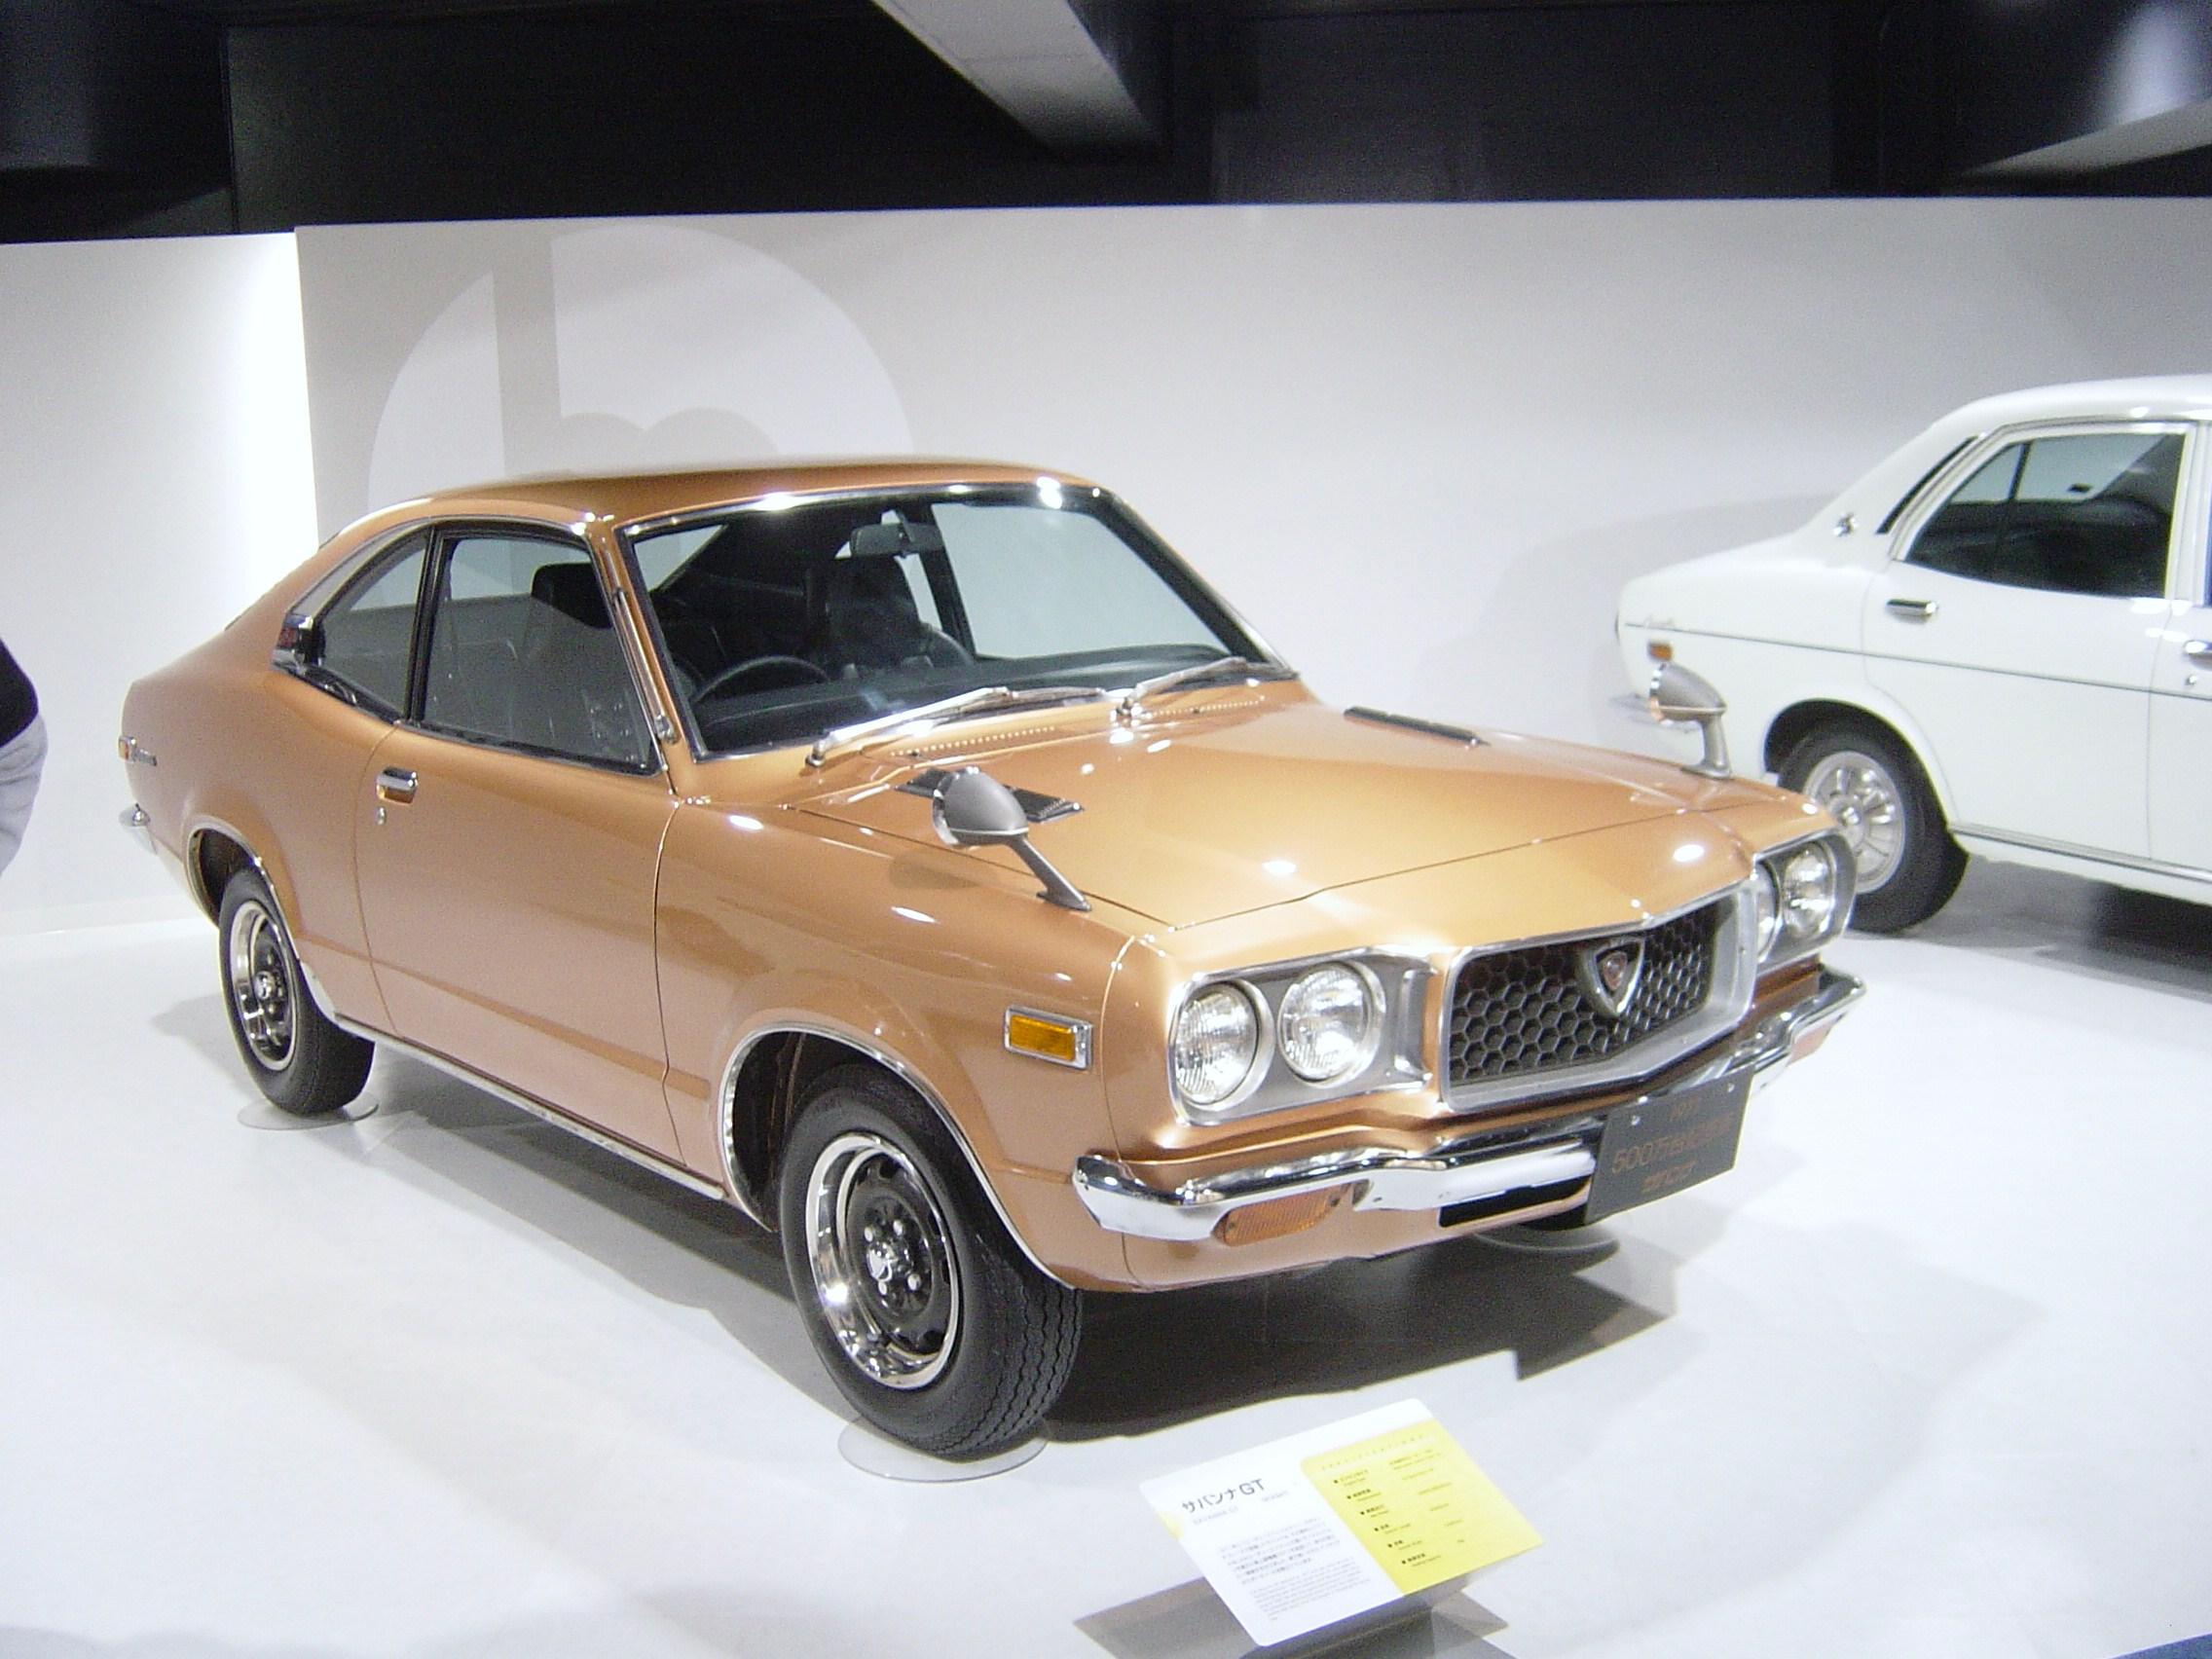 A hármas a Mazda RX-3 esetében is kompakt típust jelölt, akárcsak manapság